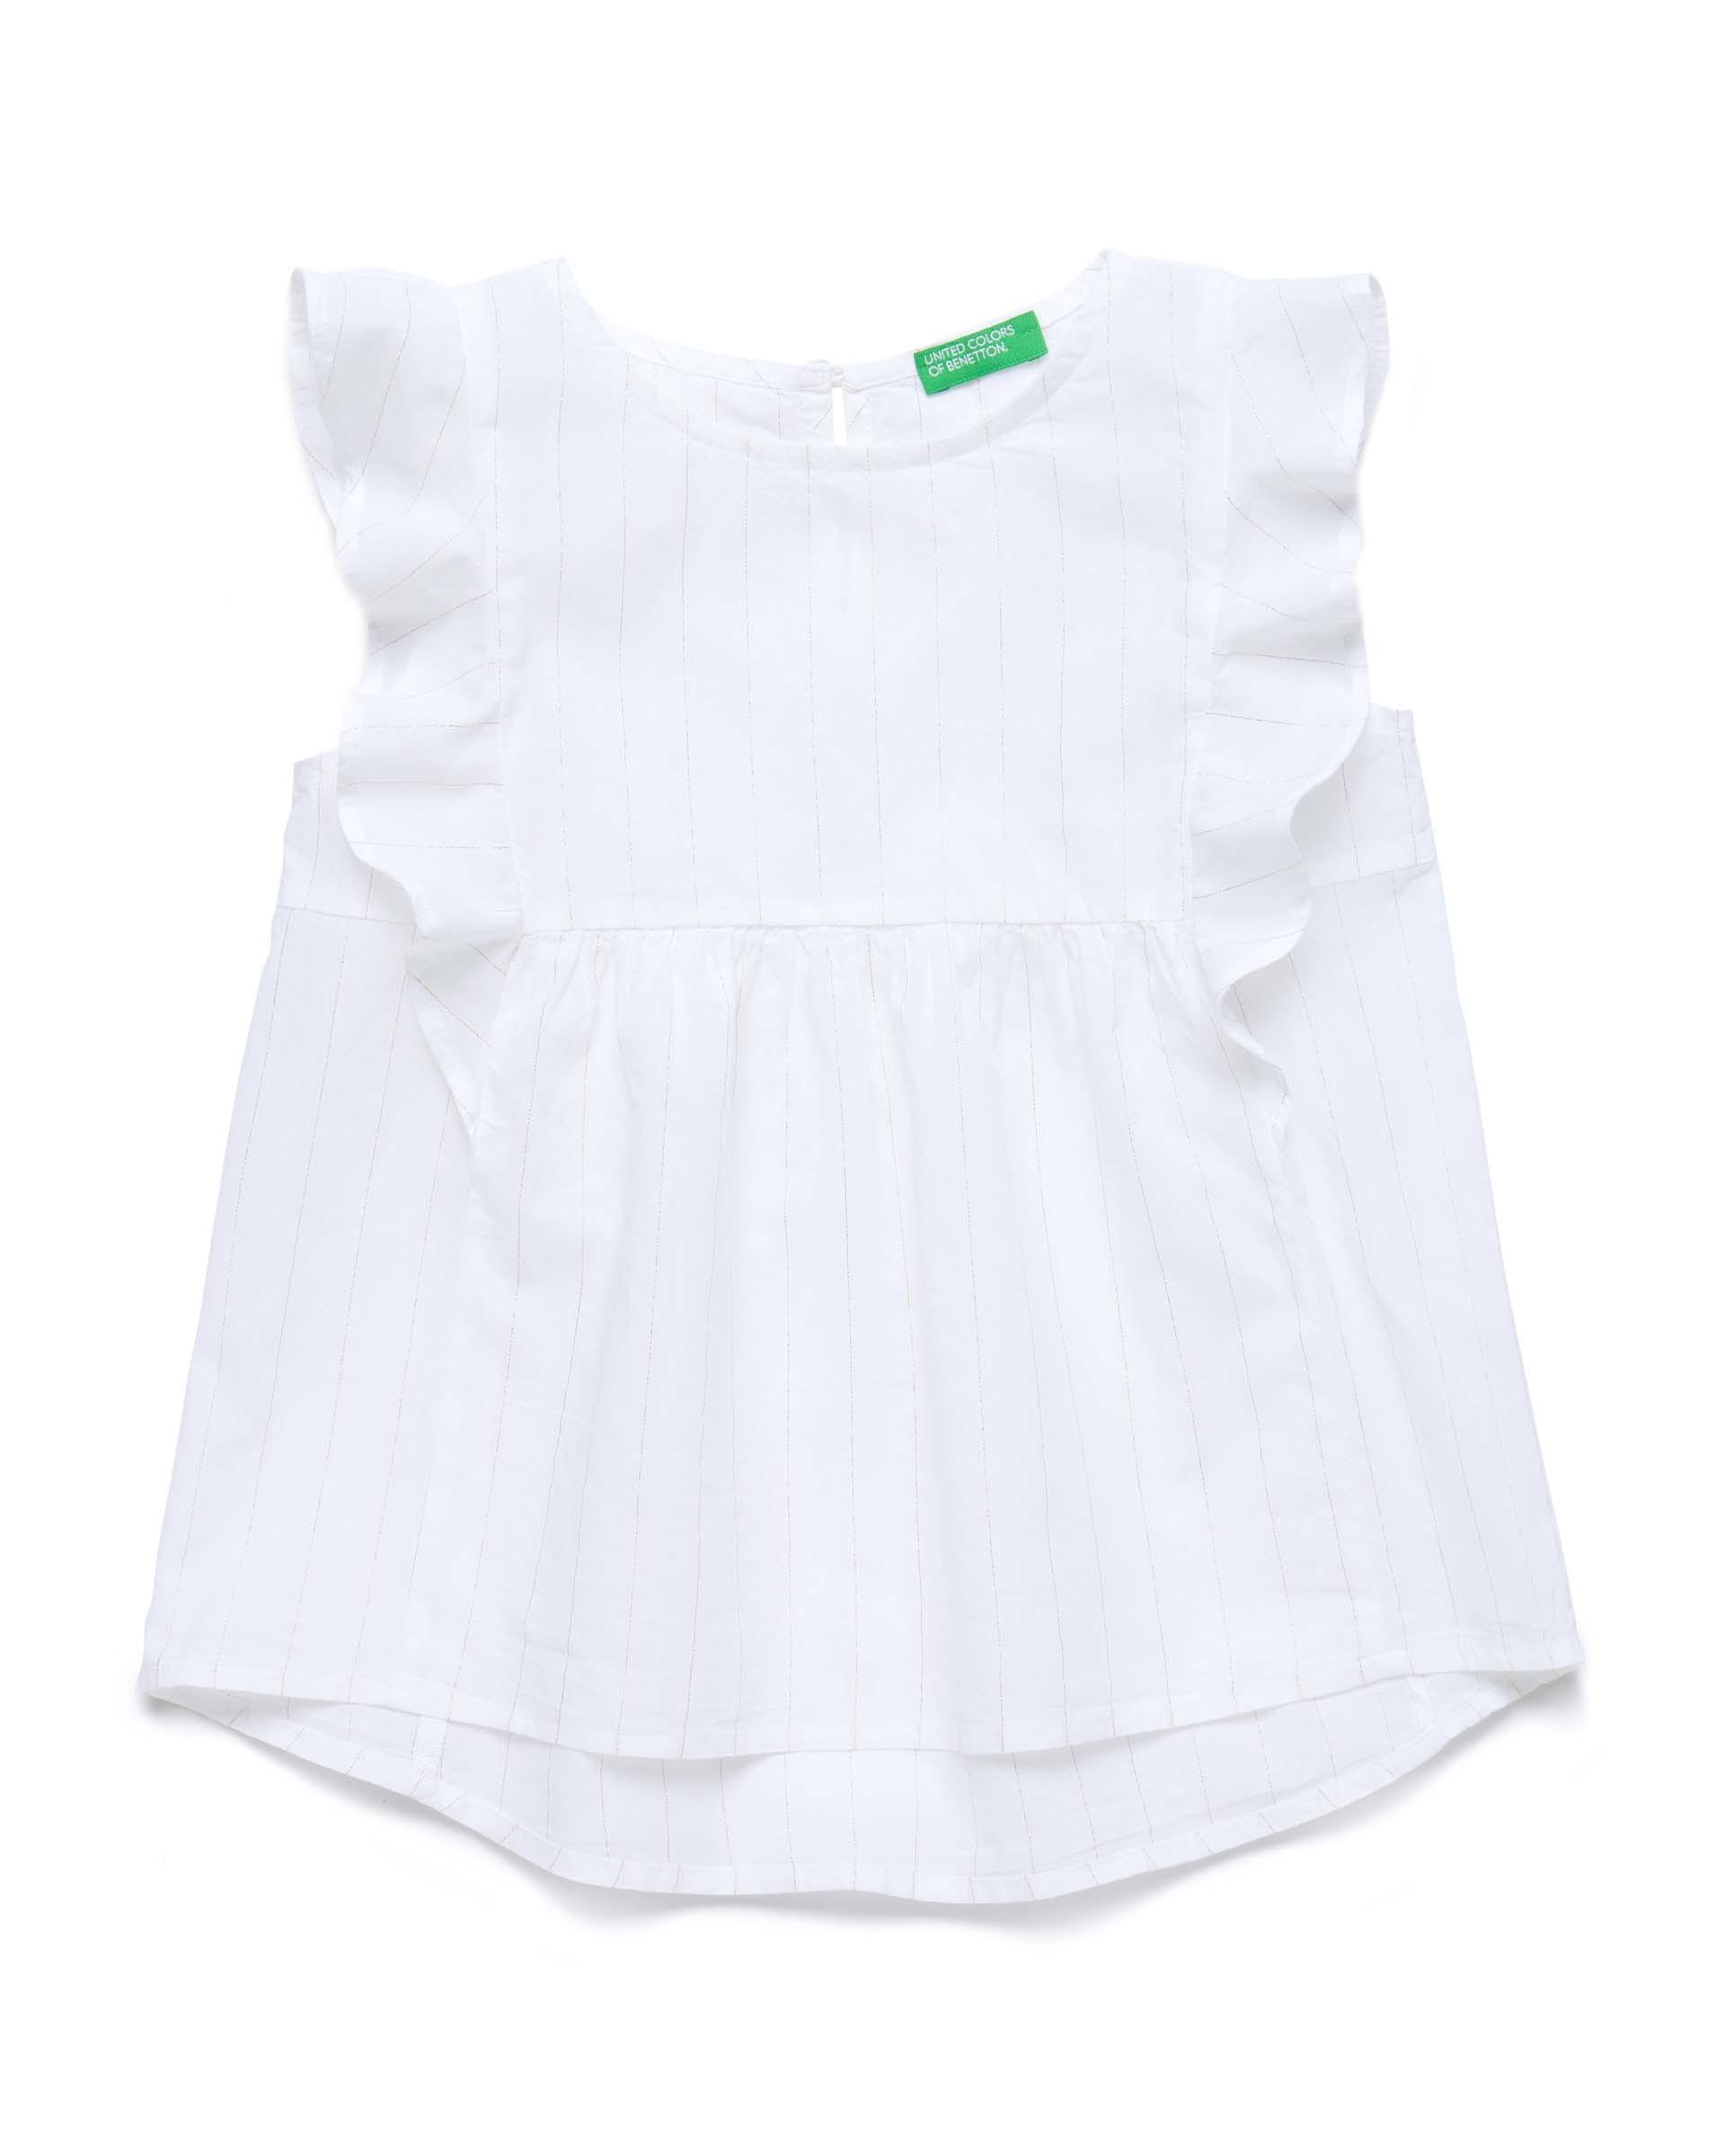 Купить 20P_5OV55QH80_901, Блуза для девочек Benetton 5OV55QH80_901 р-р 152, United Colors of Benetton, Блузки для девочек